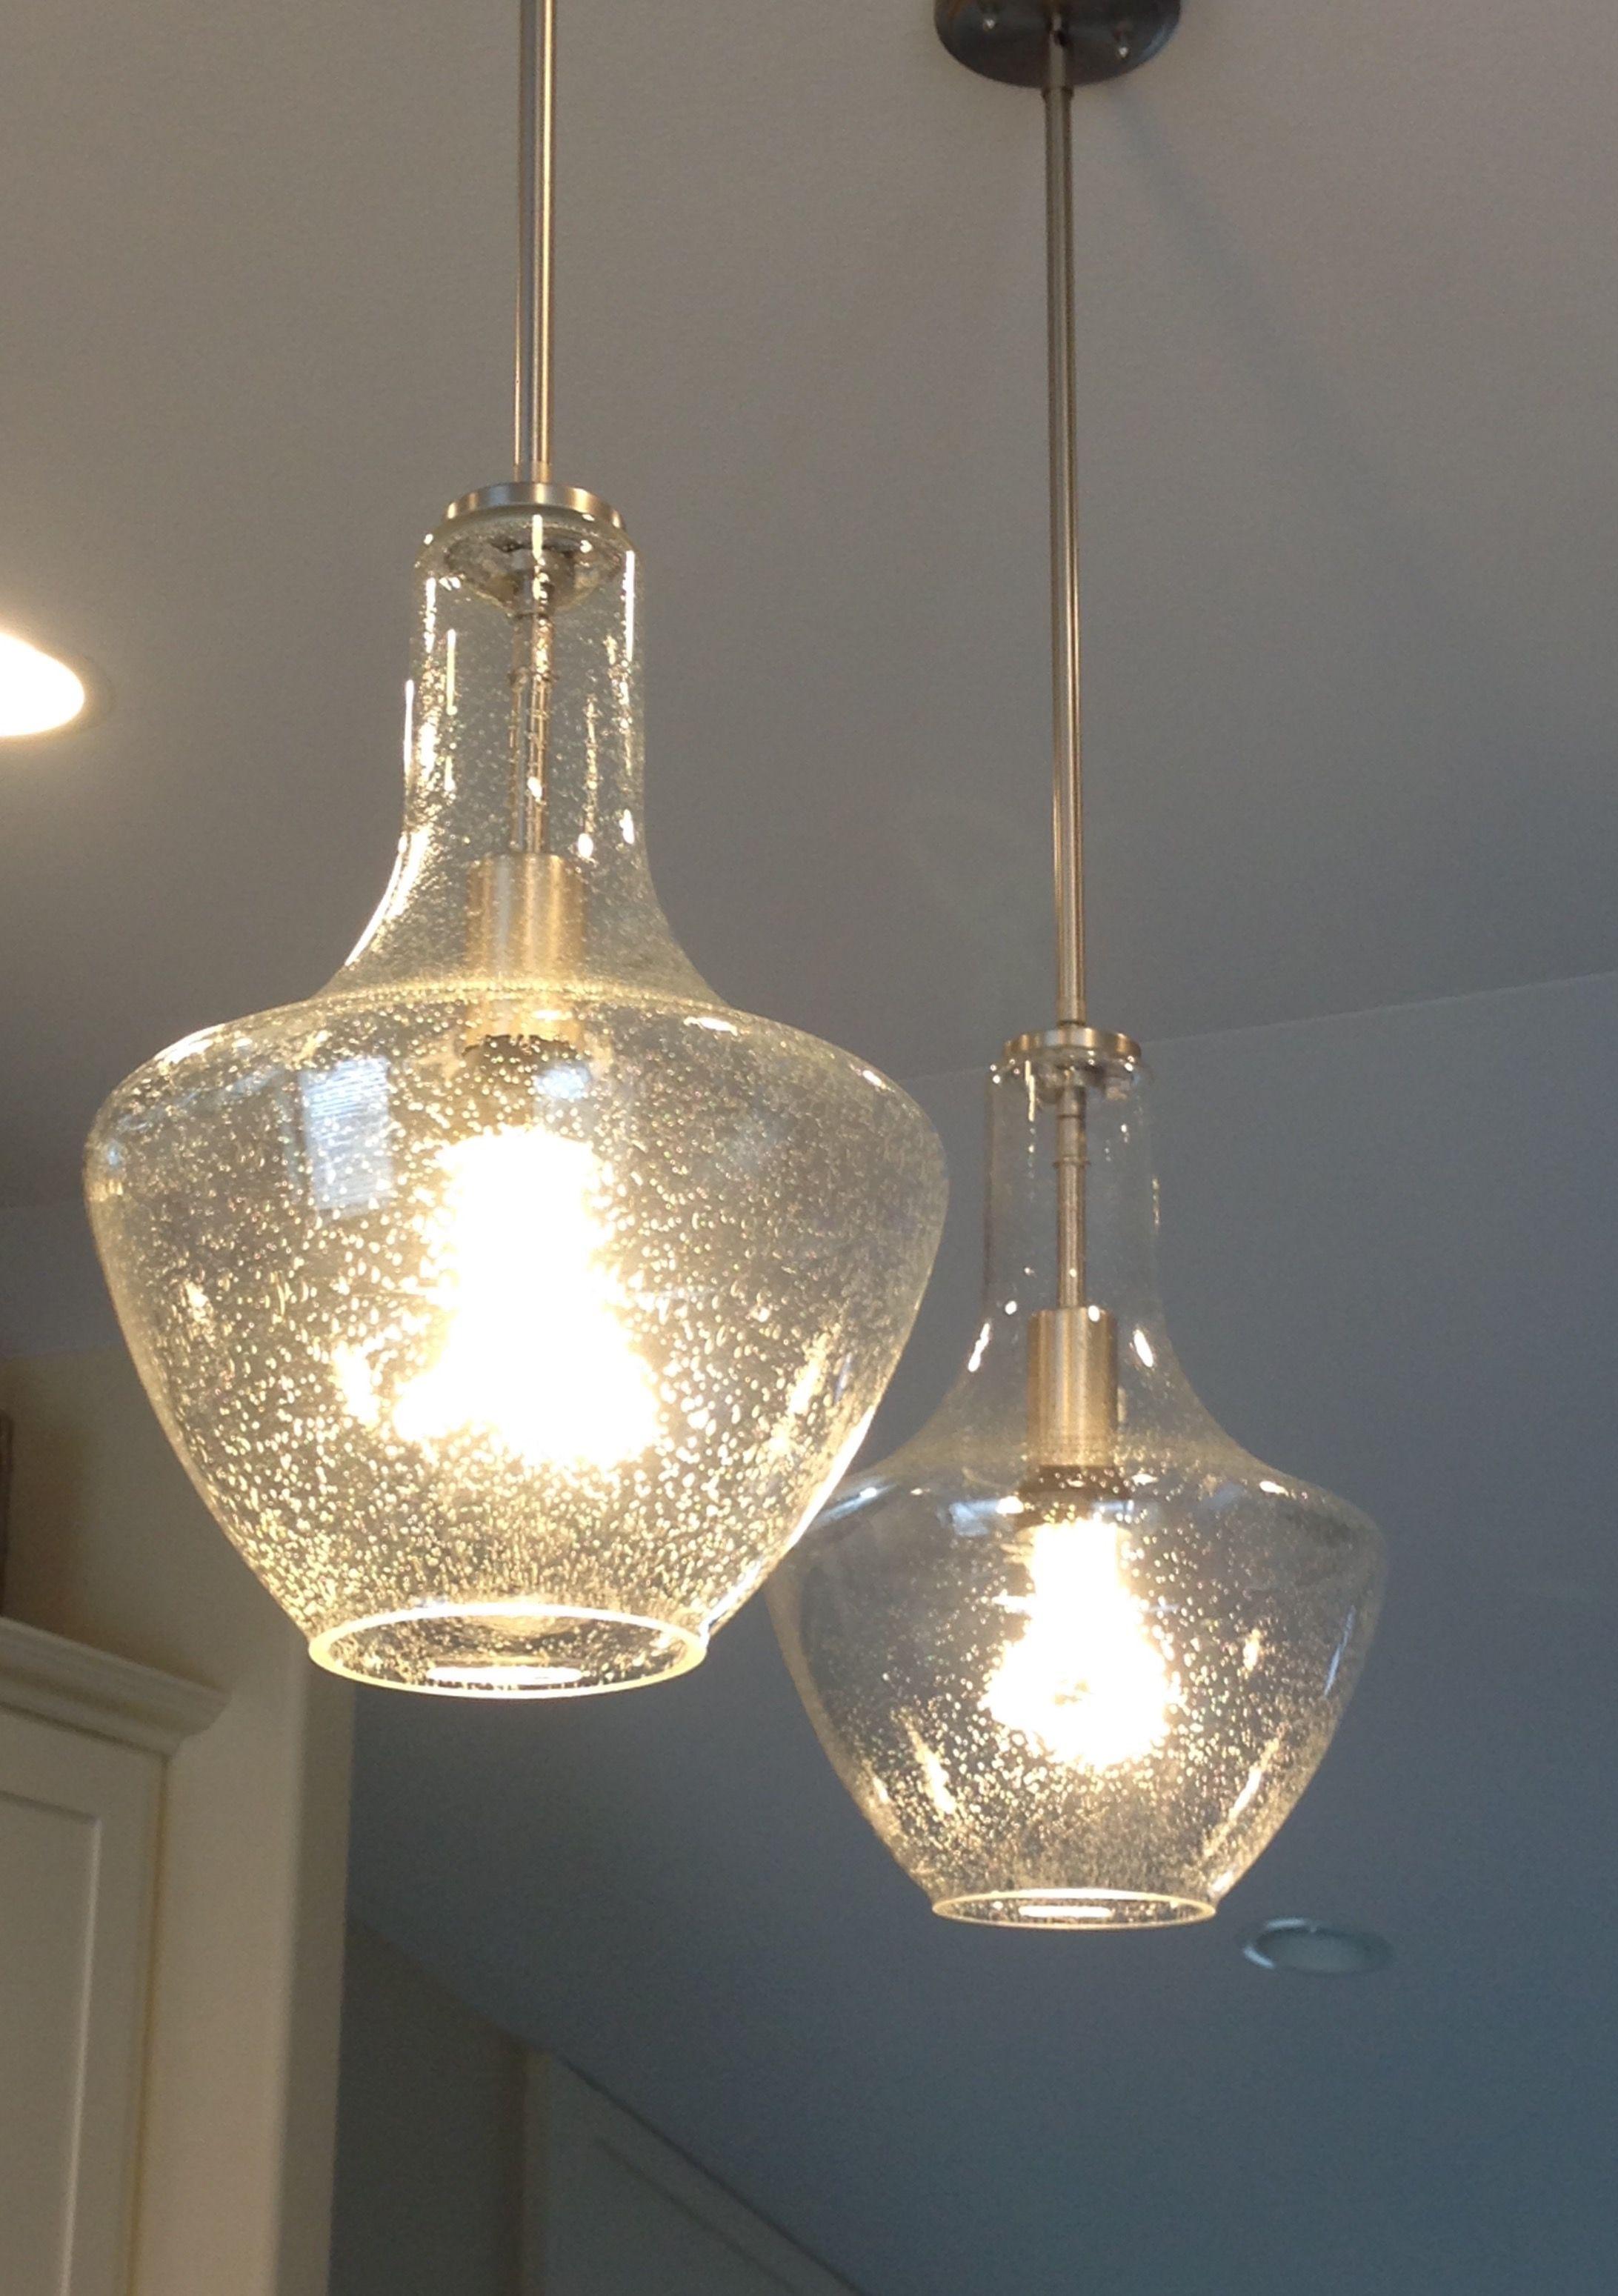 Kichler Seeded Glass Pendant Lights …   Lighting In 2019… Inside Terry 1 Light Single Bell Pendants (Gallery 16 of 30)